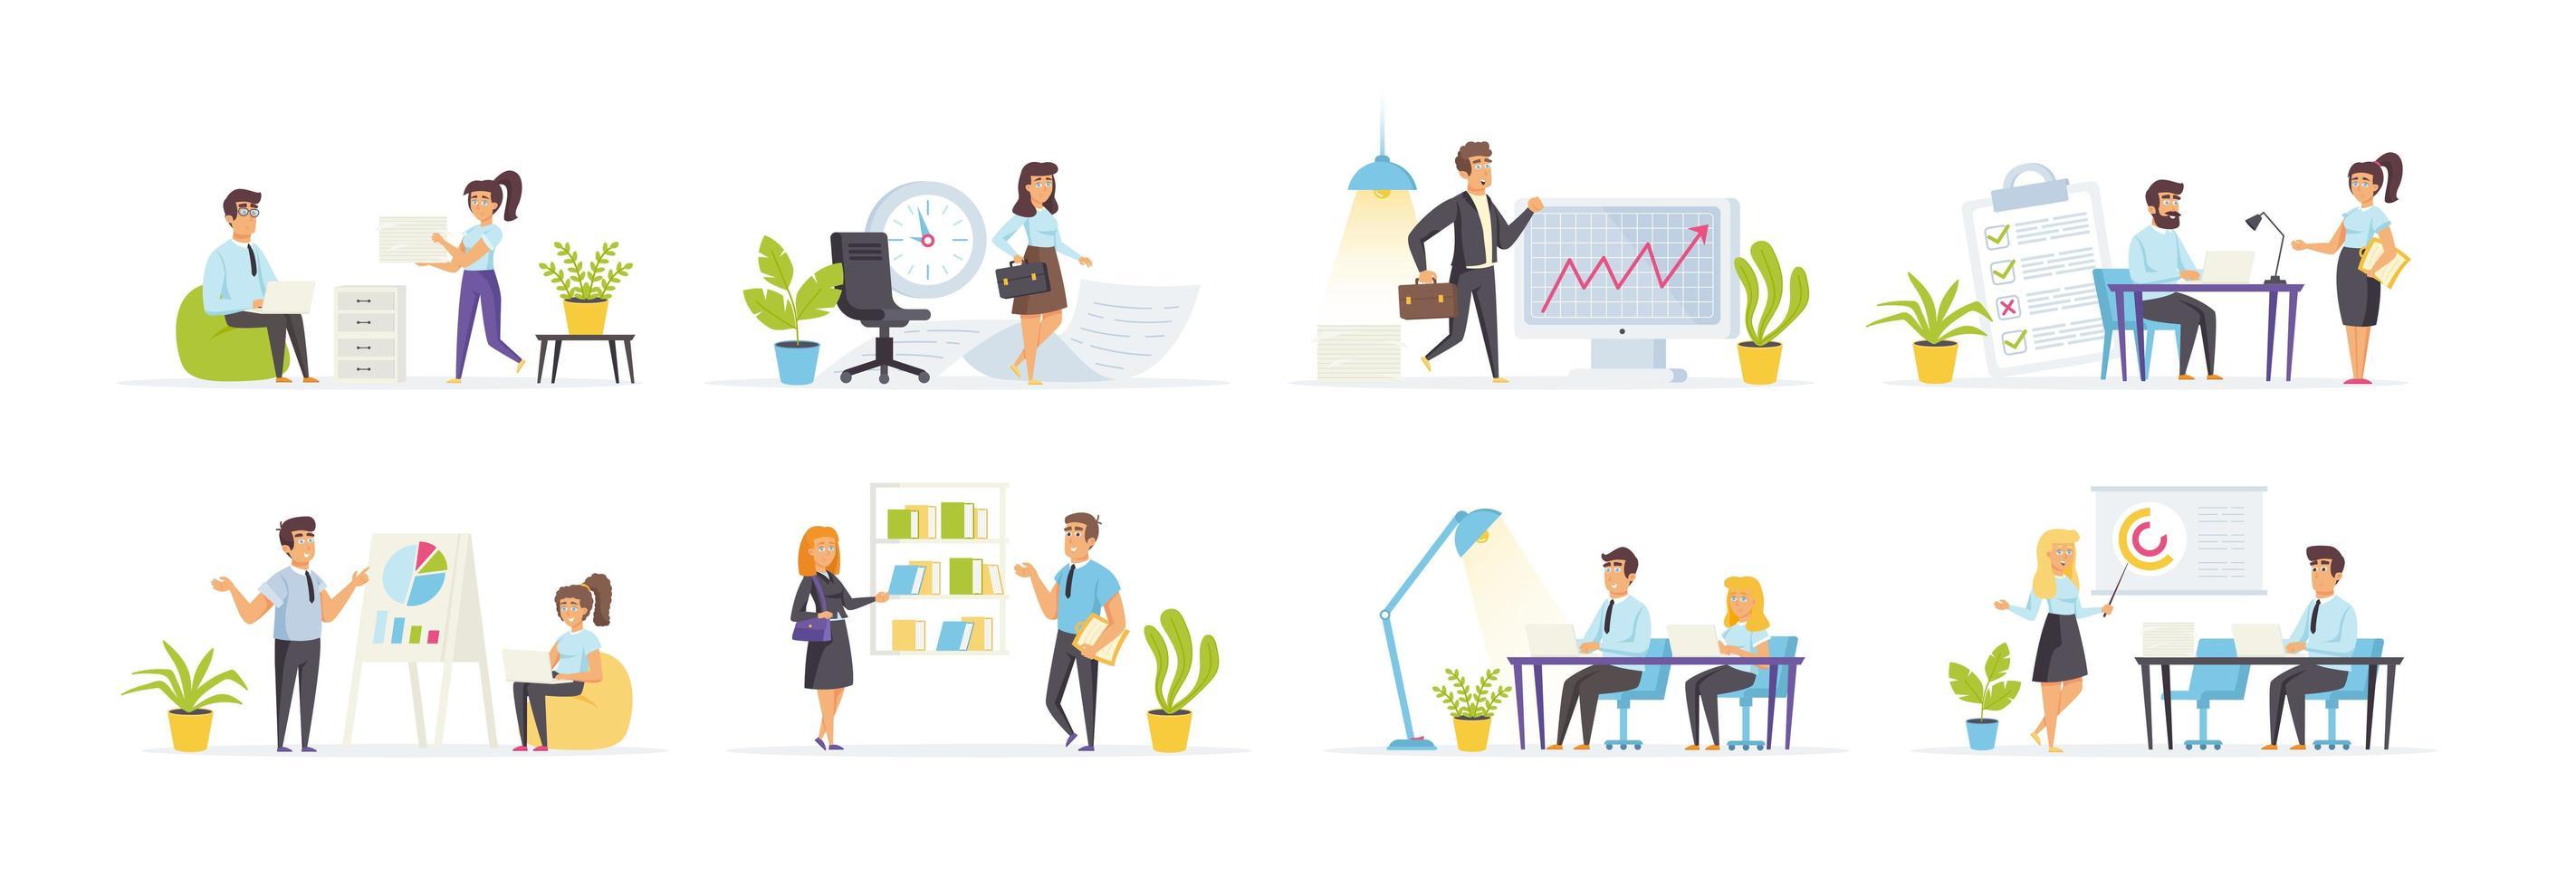 Büromanagement mit Personenzeichen vektor